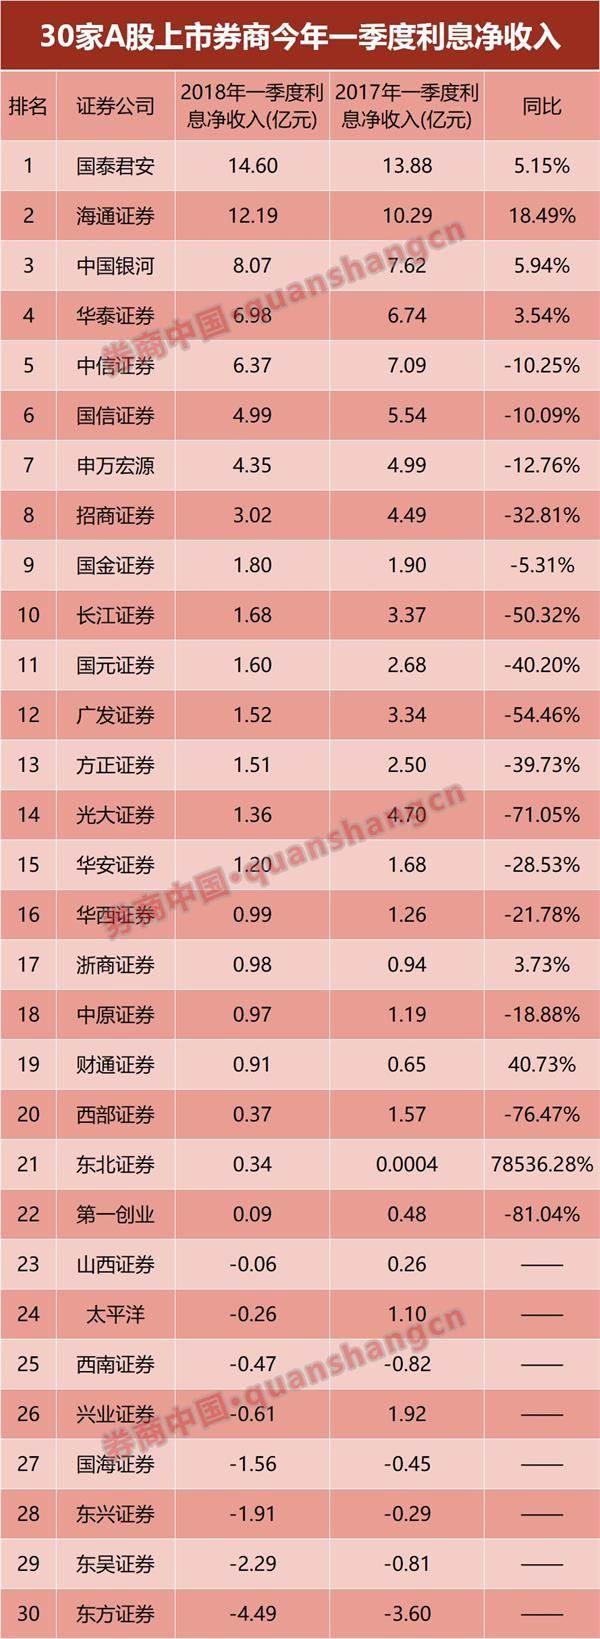 澳门赌博电子游戏:30家上市券商一季度12大榜单:中信国君华泰最赚钱